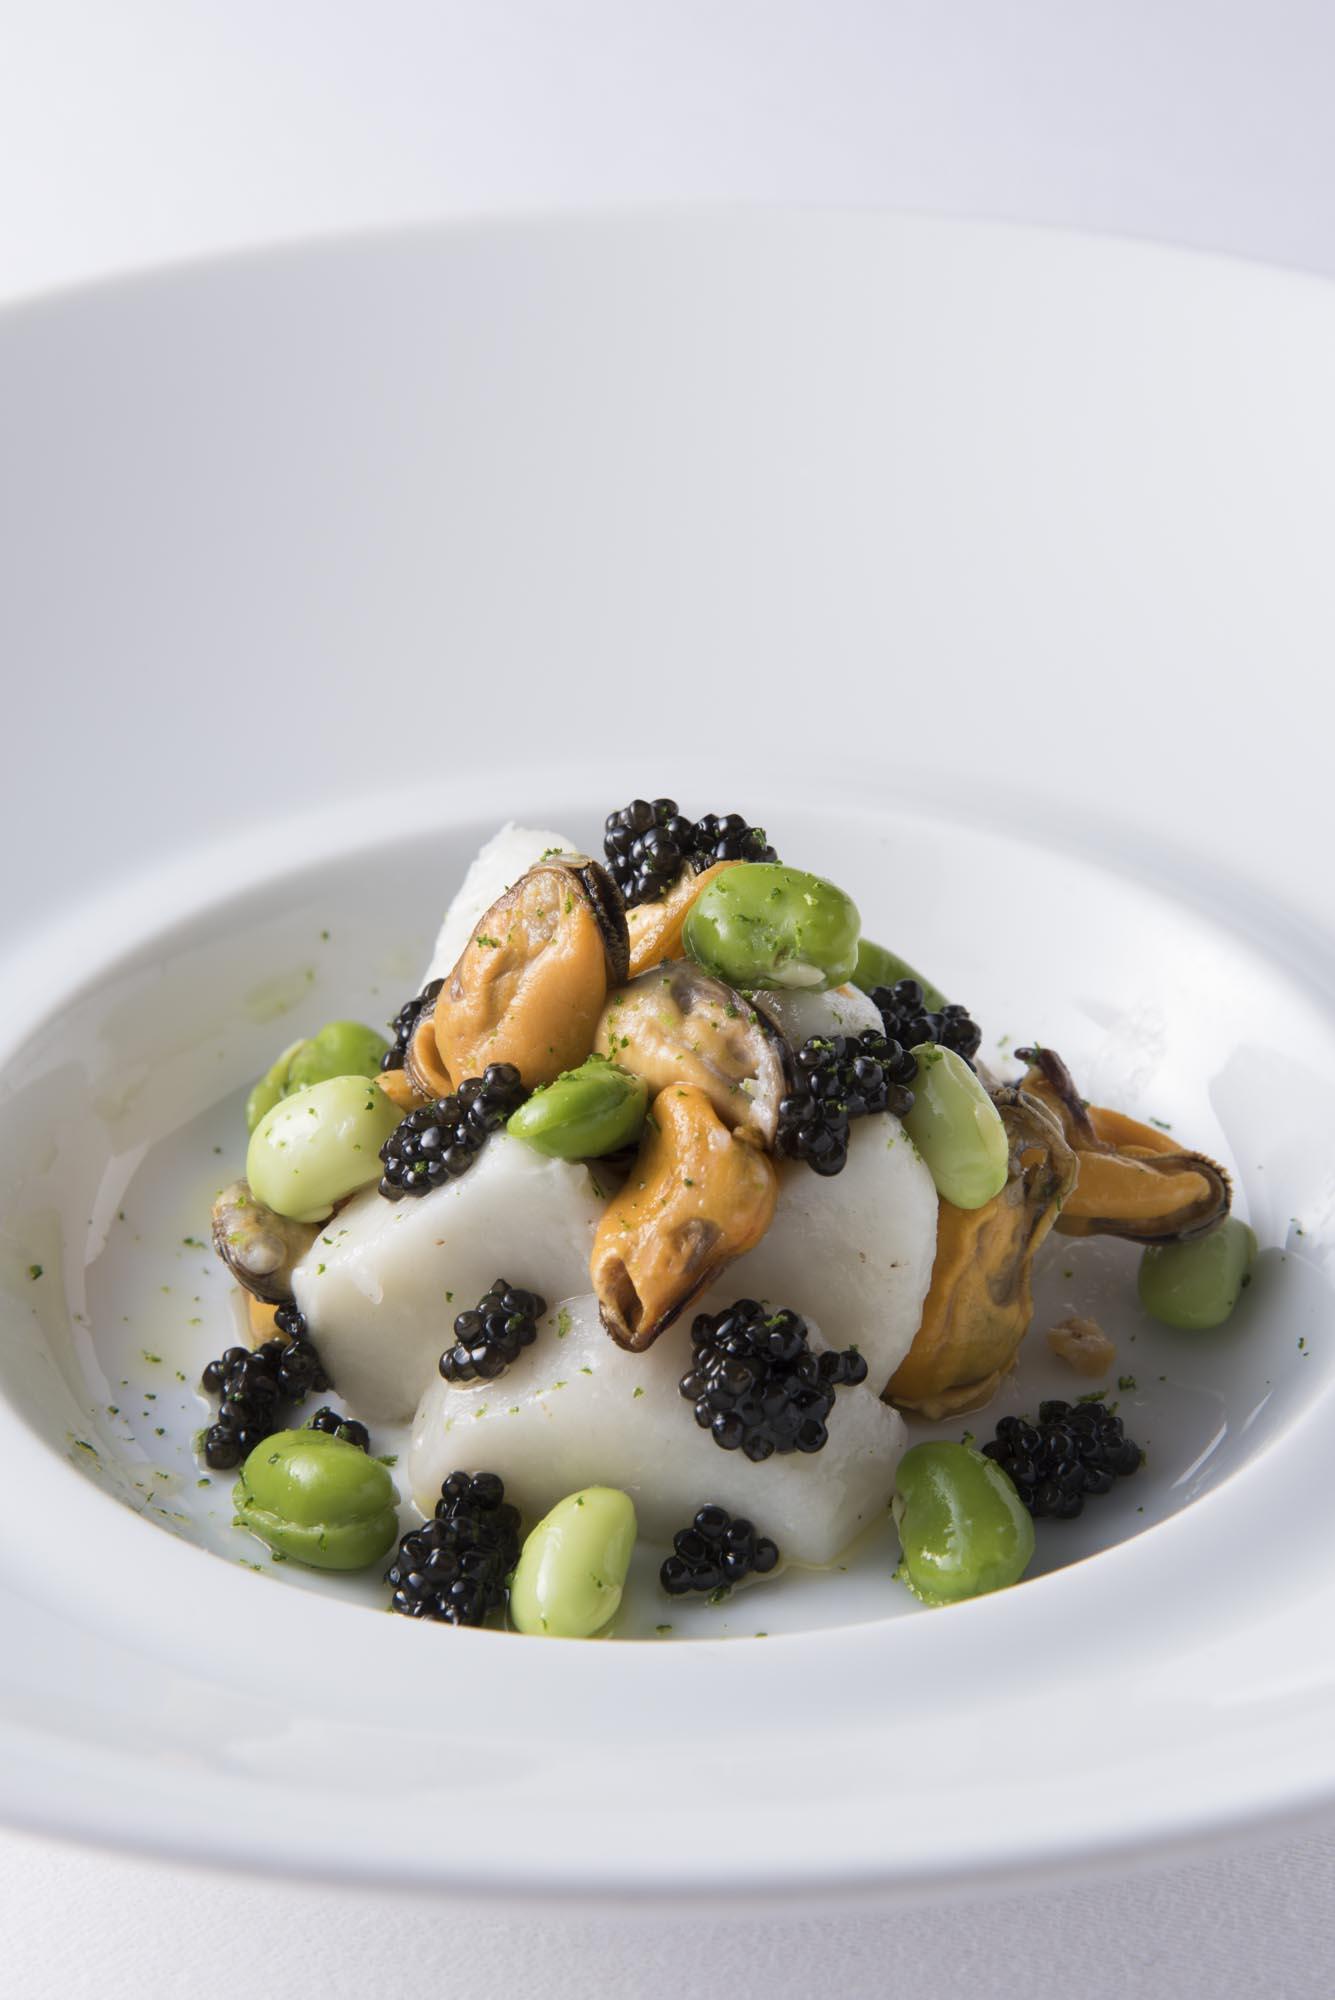 小芋とムール貝のサラダ